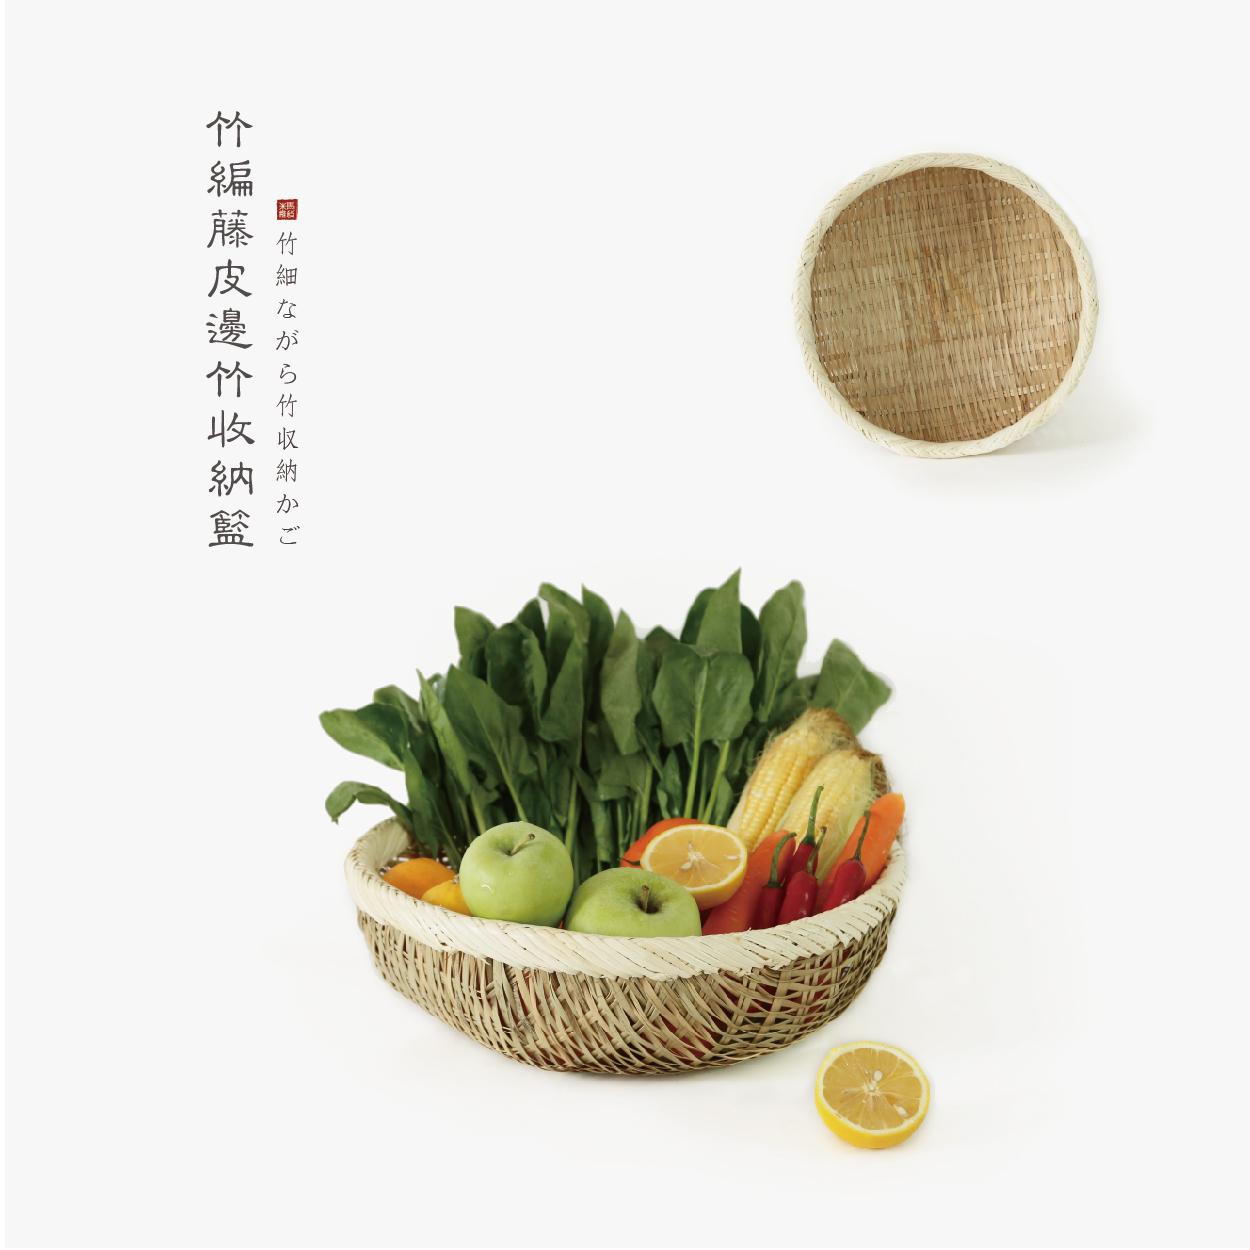 米马杂货 手工制作竹条 藤皮编的菜蔬篮/零食/化妆品收纳/沥水